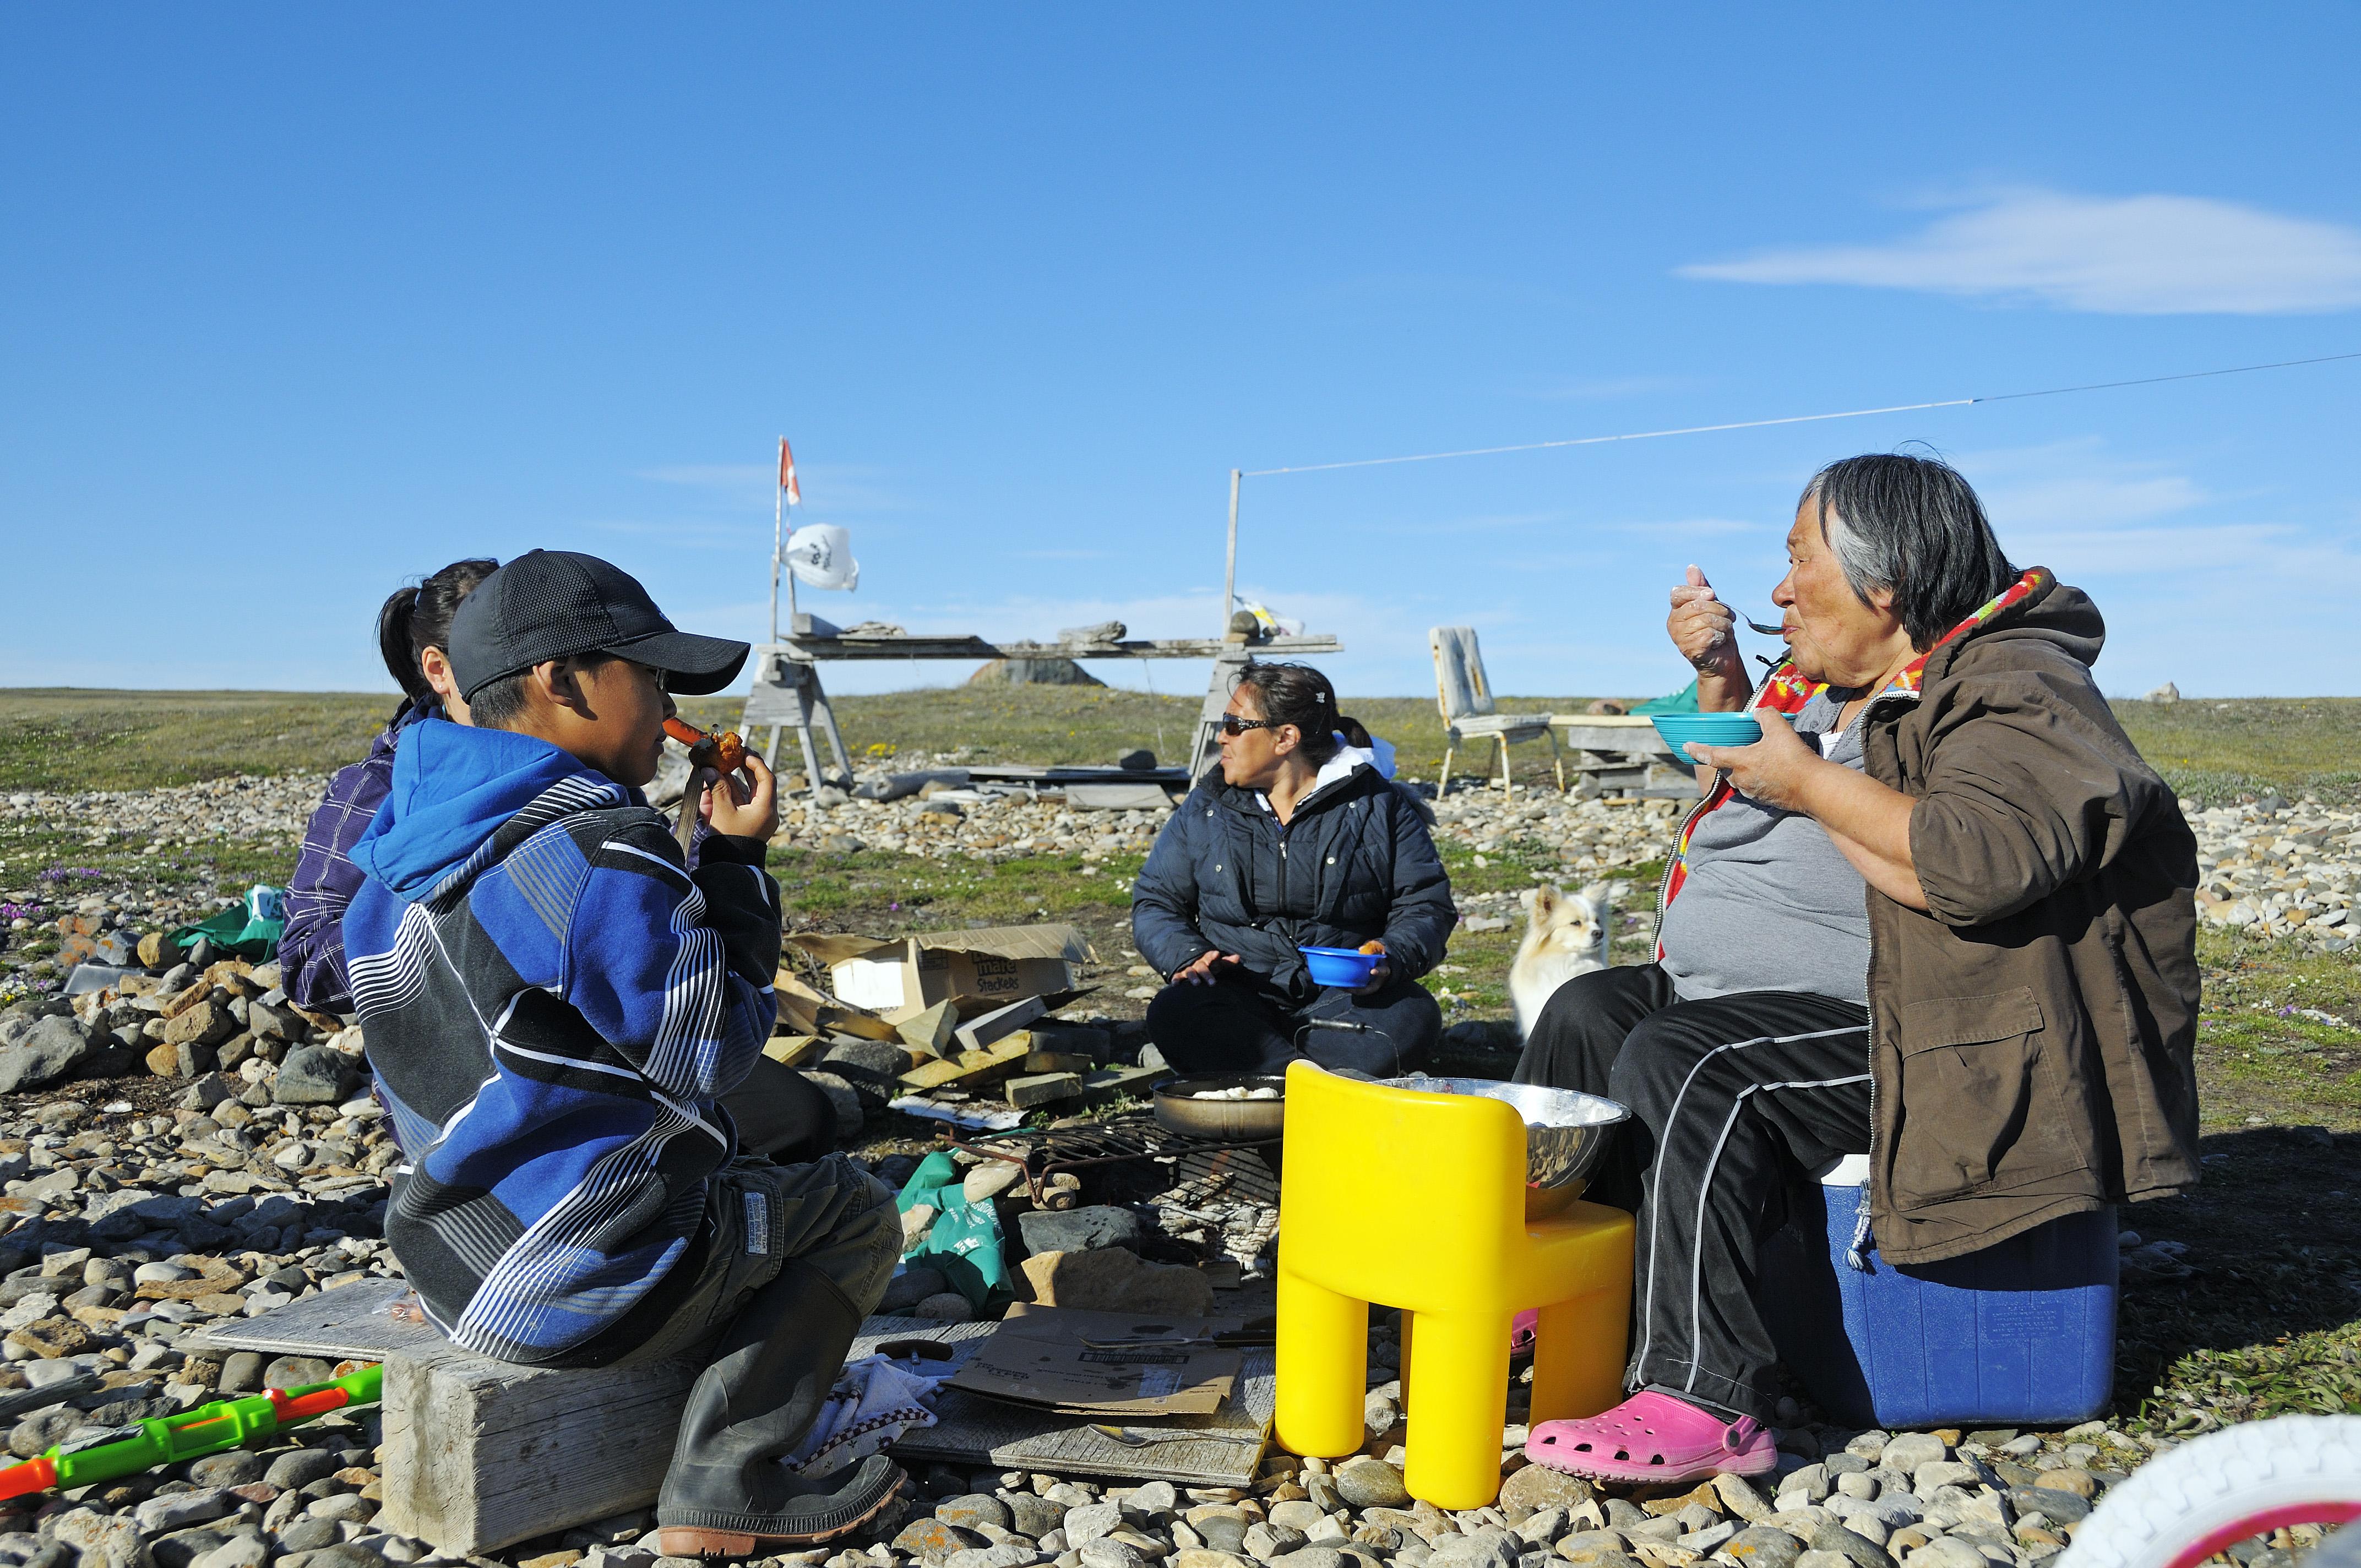 Familie vom Volk der Inuit an ihrer Angler-Hütte am Ufer der Beaufort Sea, Nordpolarmeer, Victoria Island (vorher Holman Island), Dorf Ulukhaktok, Northwest Territories, Kanada, Amerika